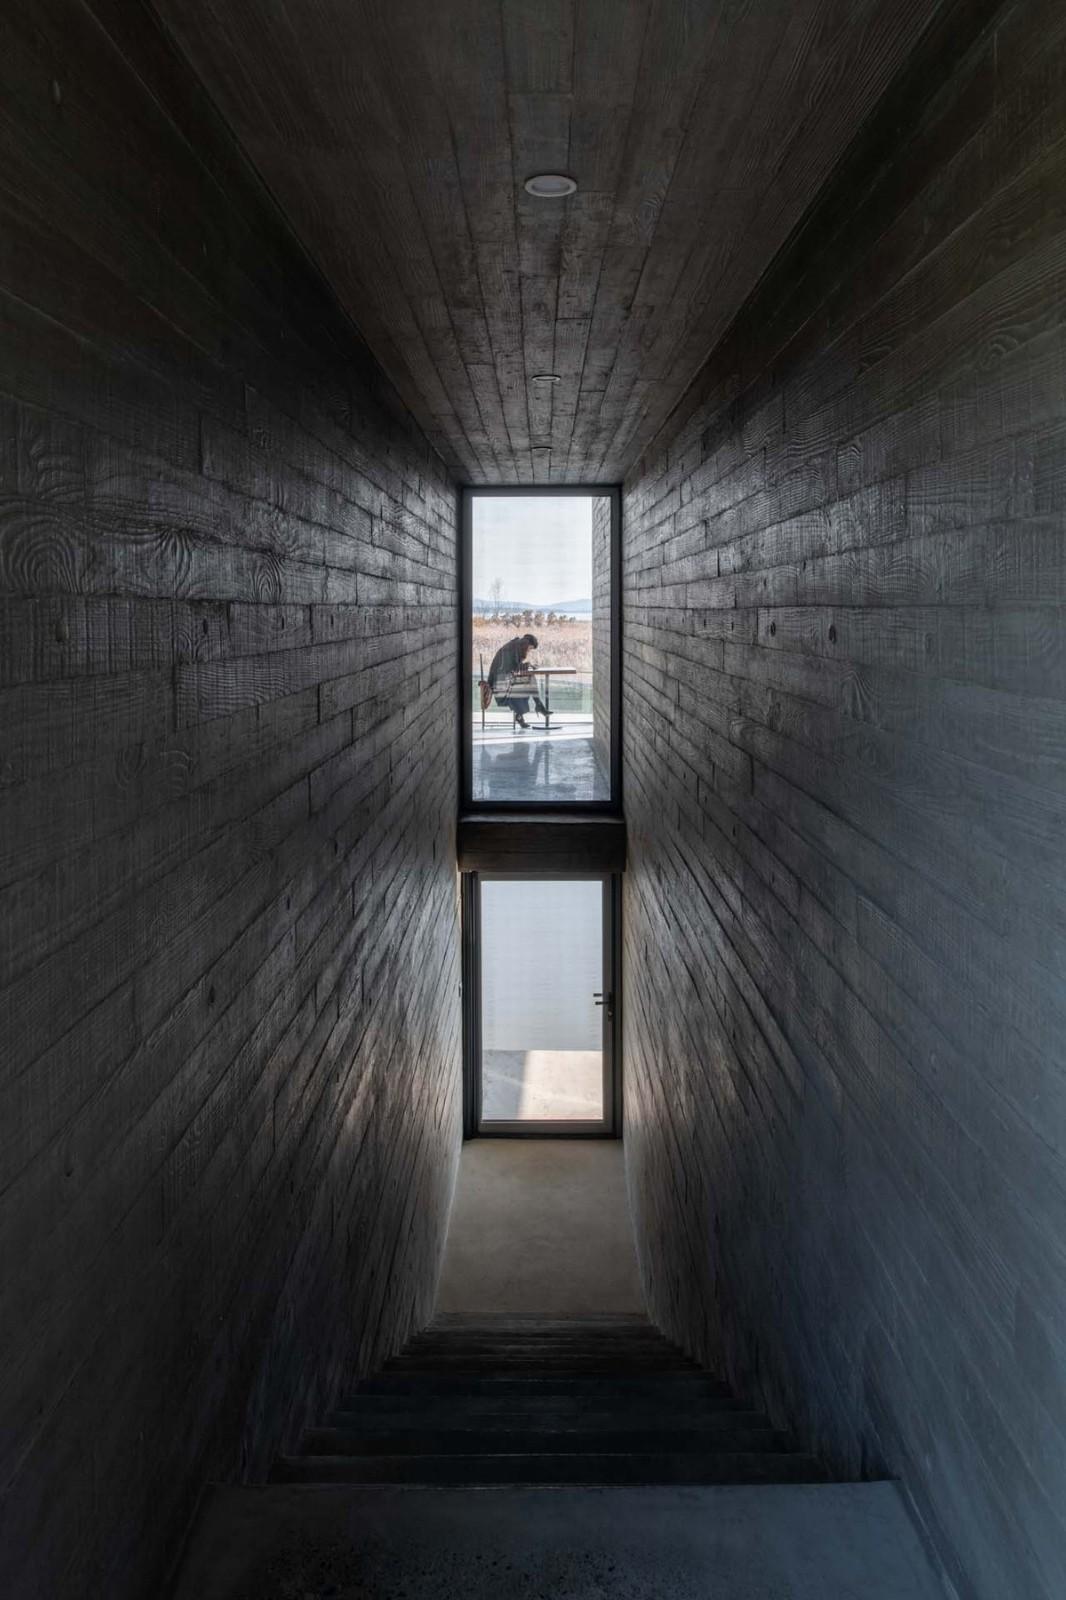 山东天鹅湖湿地公园景观廊及观鸟塔 / 迹·建筑事务所